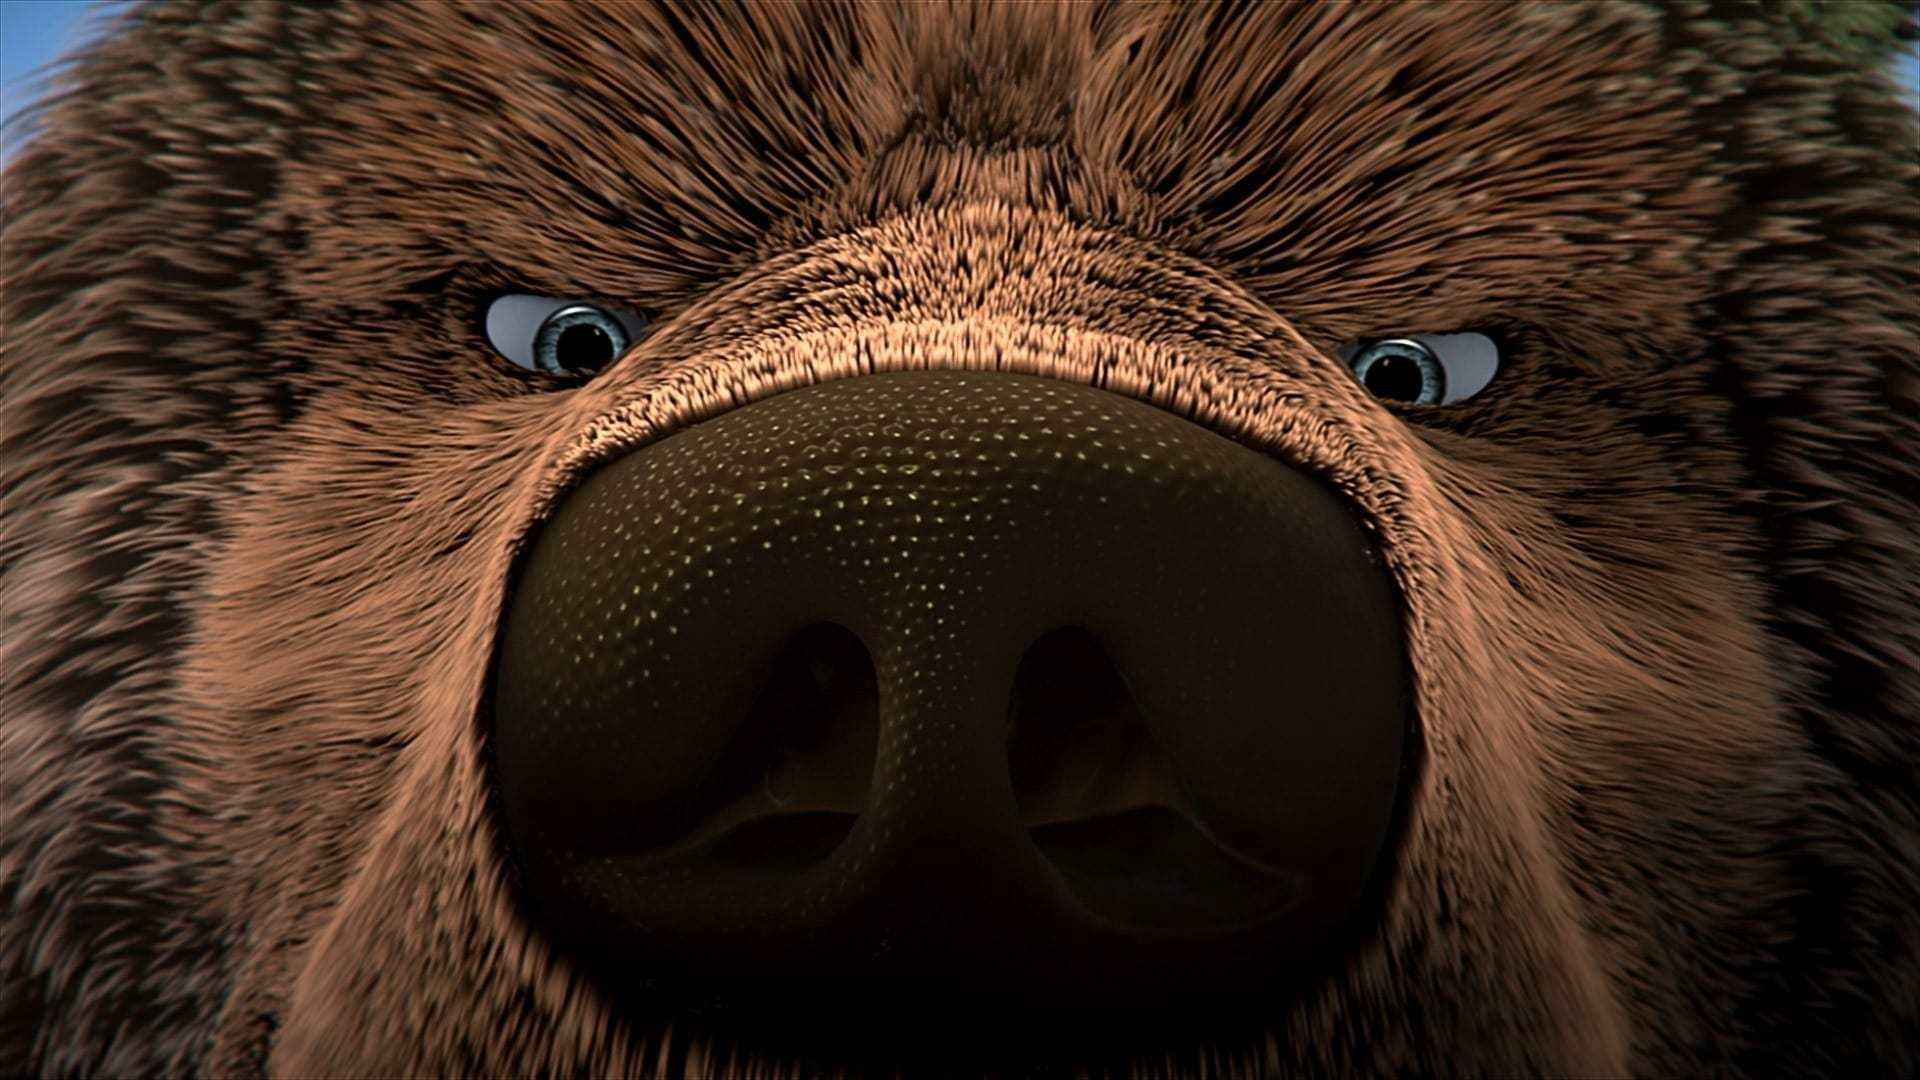 Кадры из фильма Как приручить медведя Den kæmpestore bjørn 2011